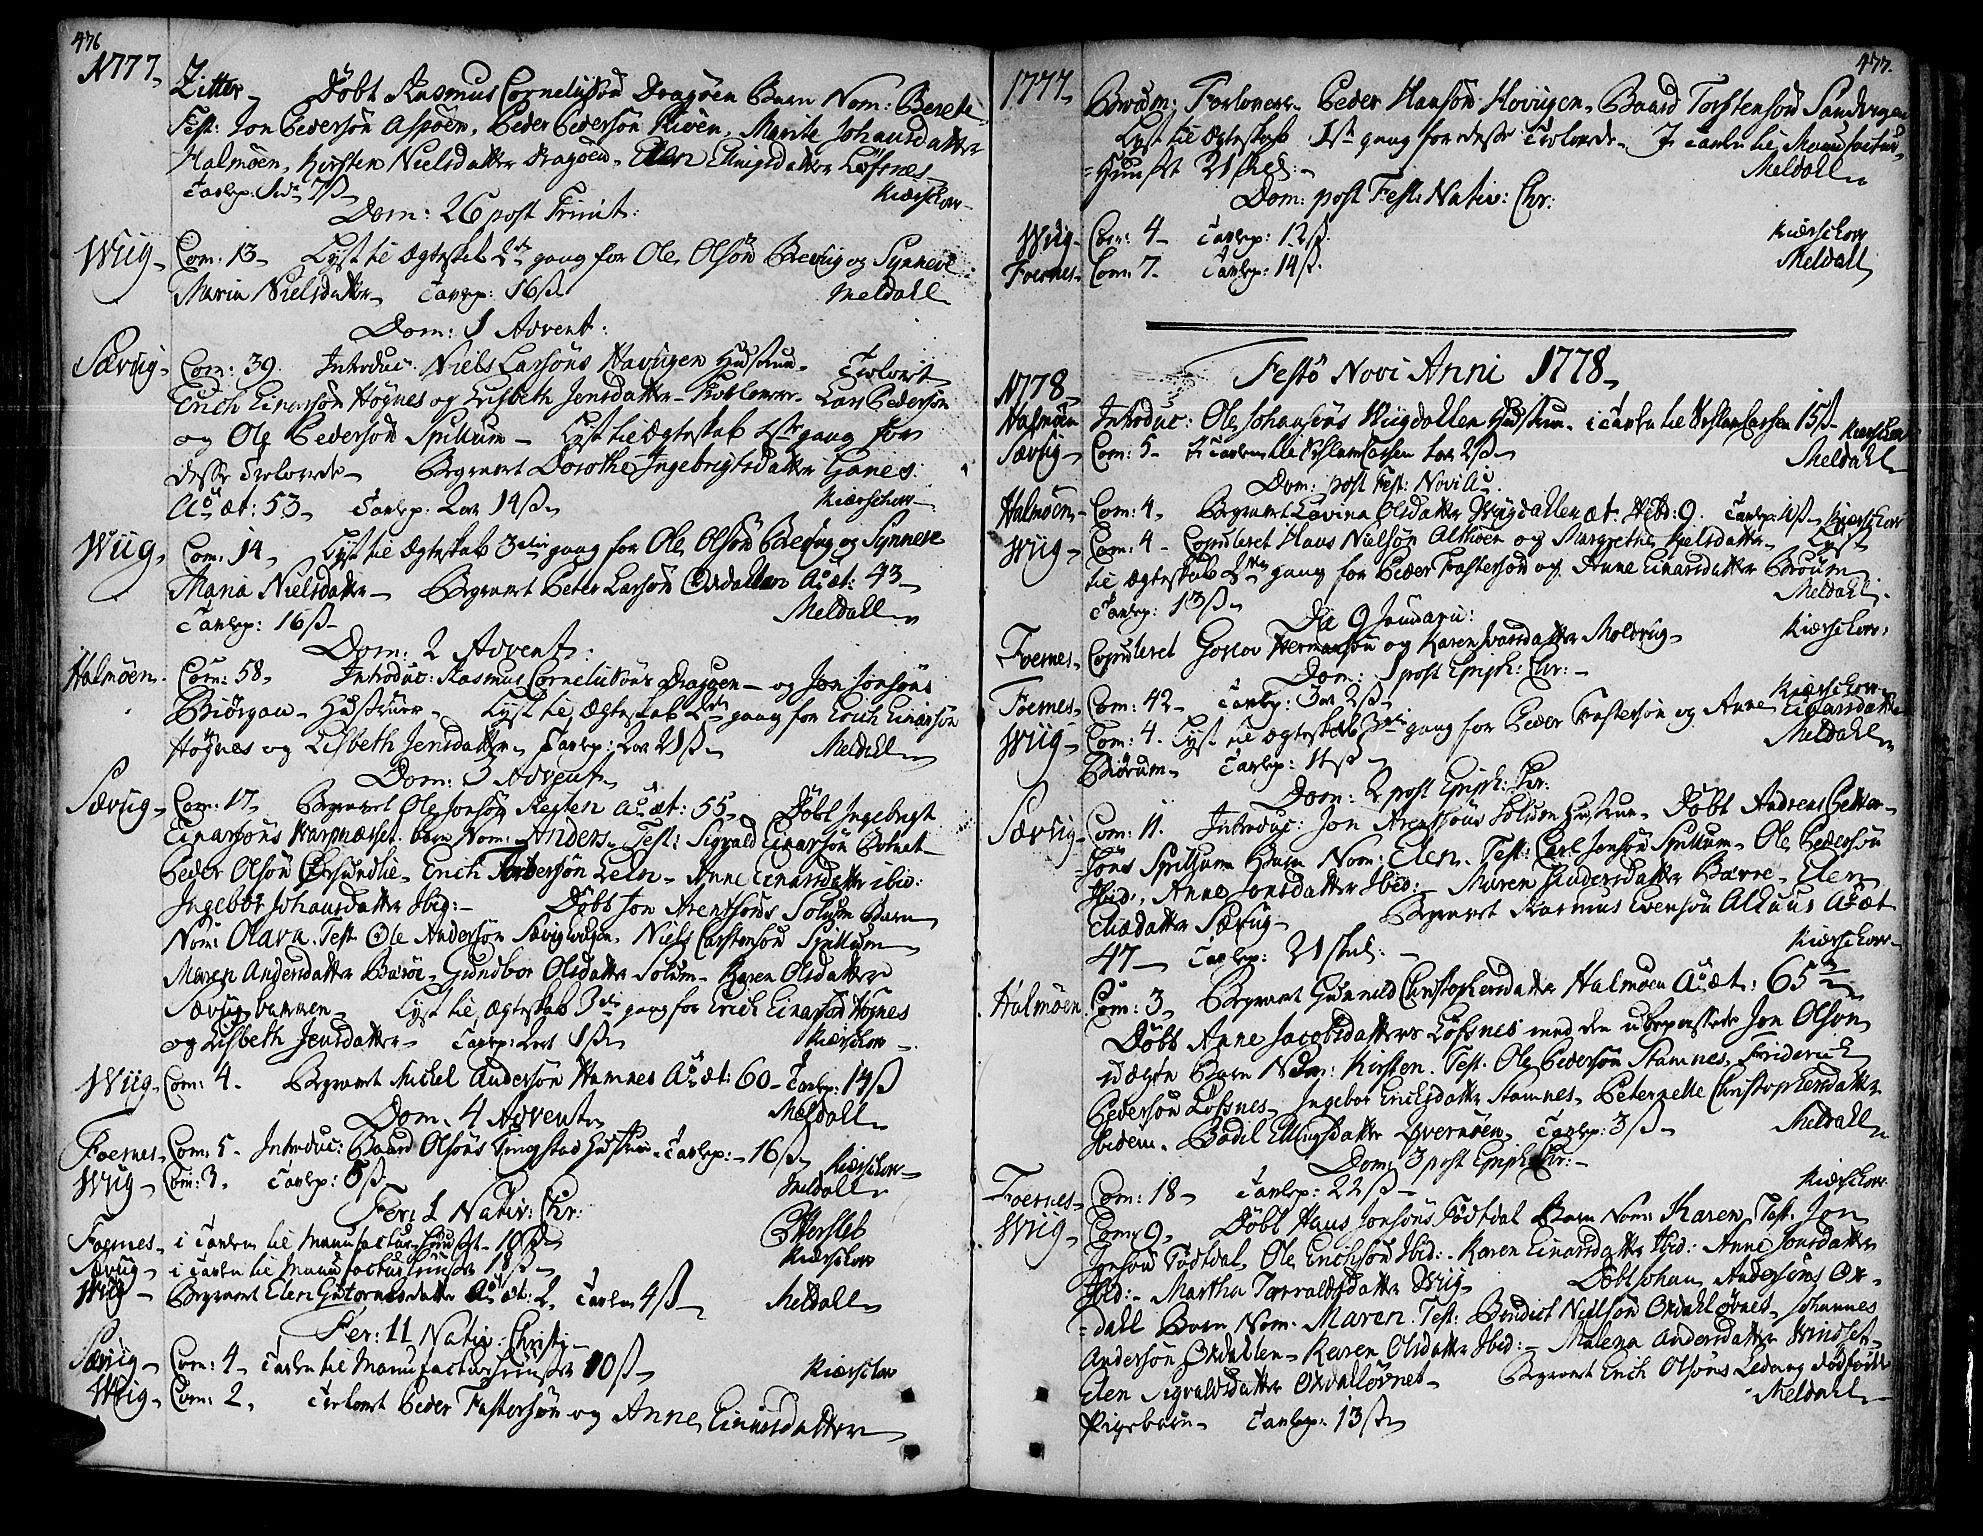 SAT, Ministerialprotokoller, klokkerbøker og fødselsregistre - Nord-Trøndelag, 773/L0607: Parish register (official) no. 773A01, 1751-1783, p. 476-477